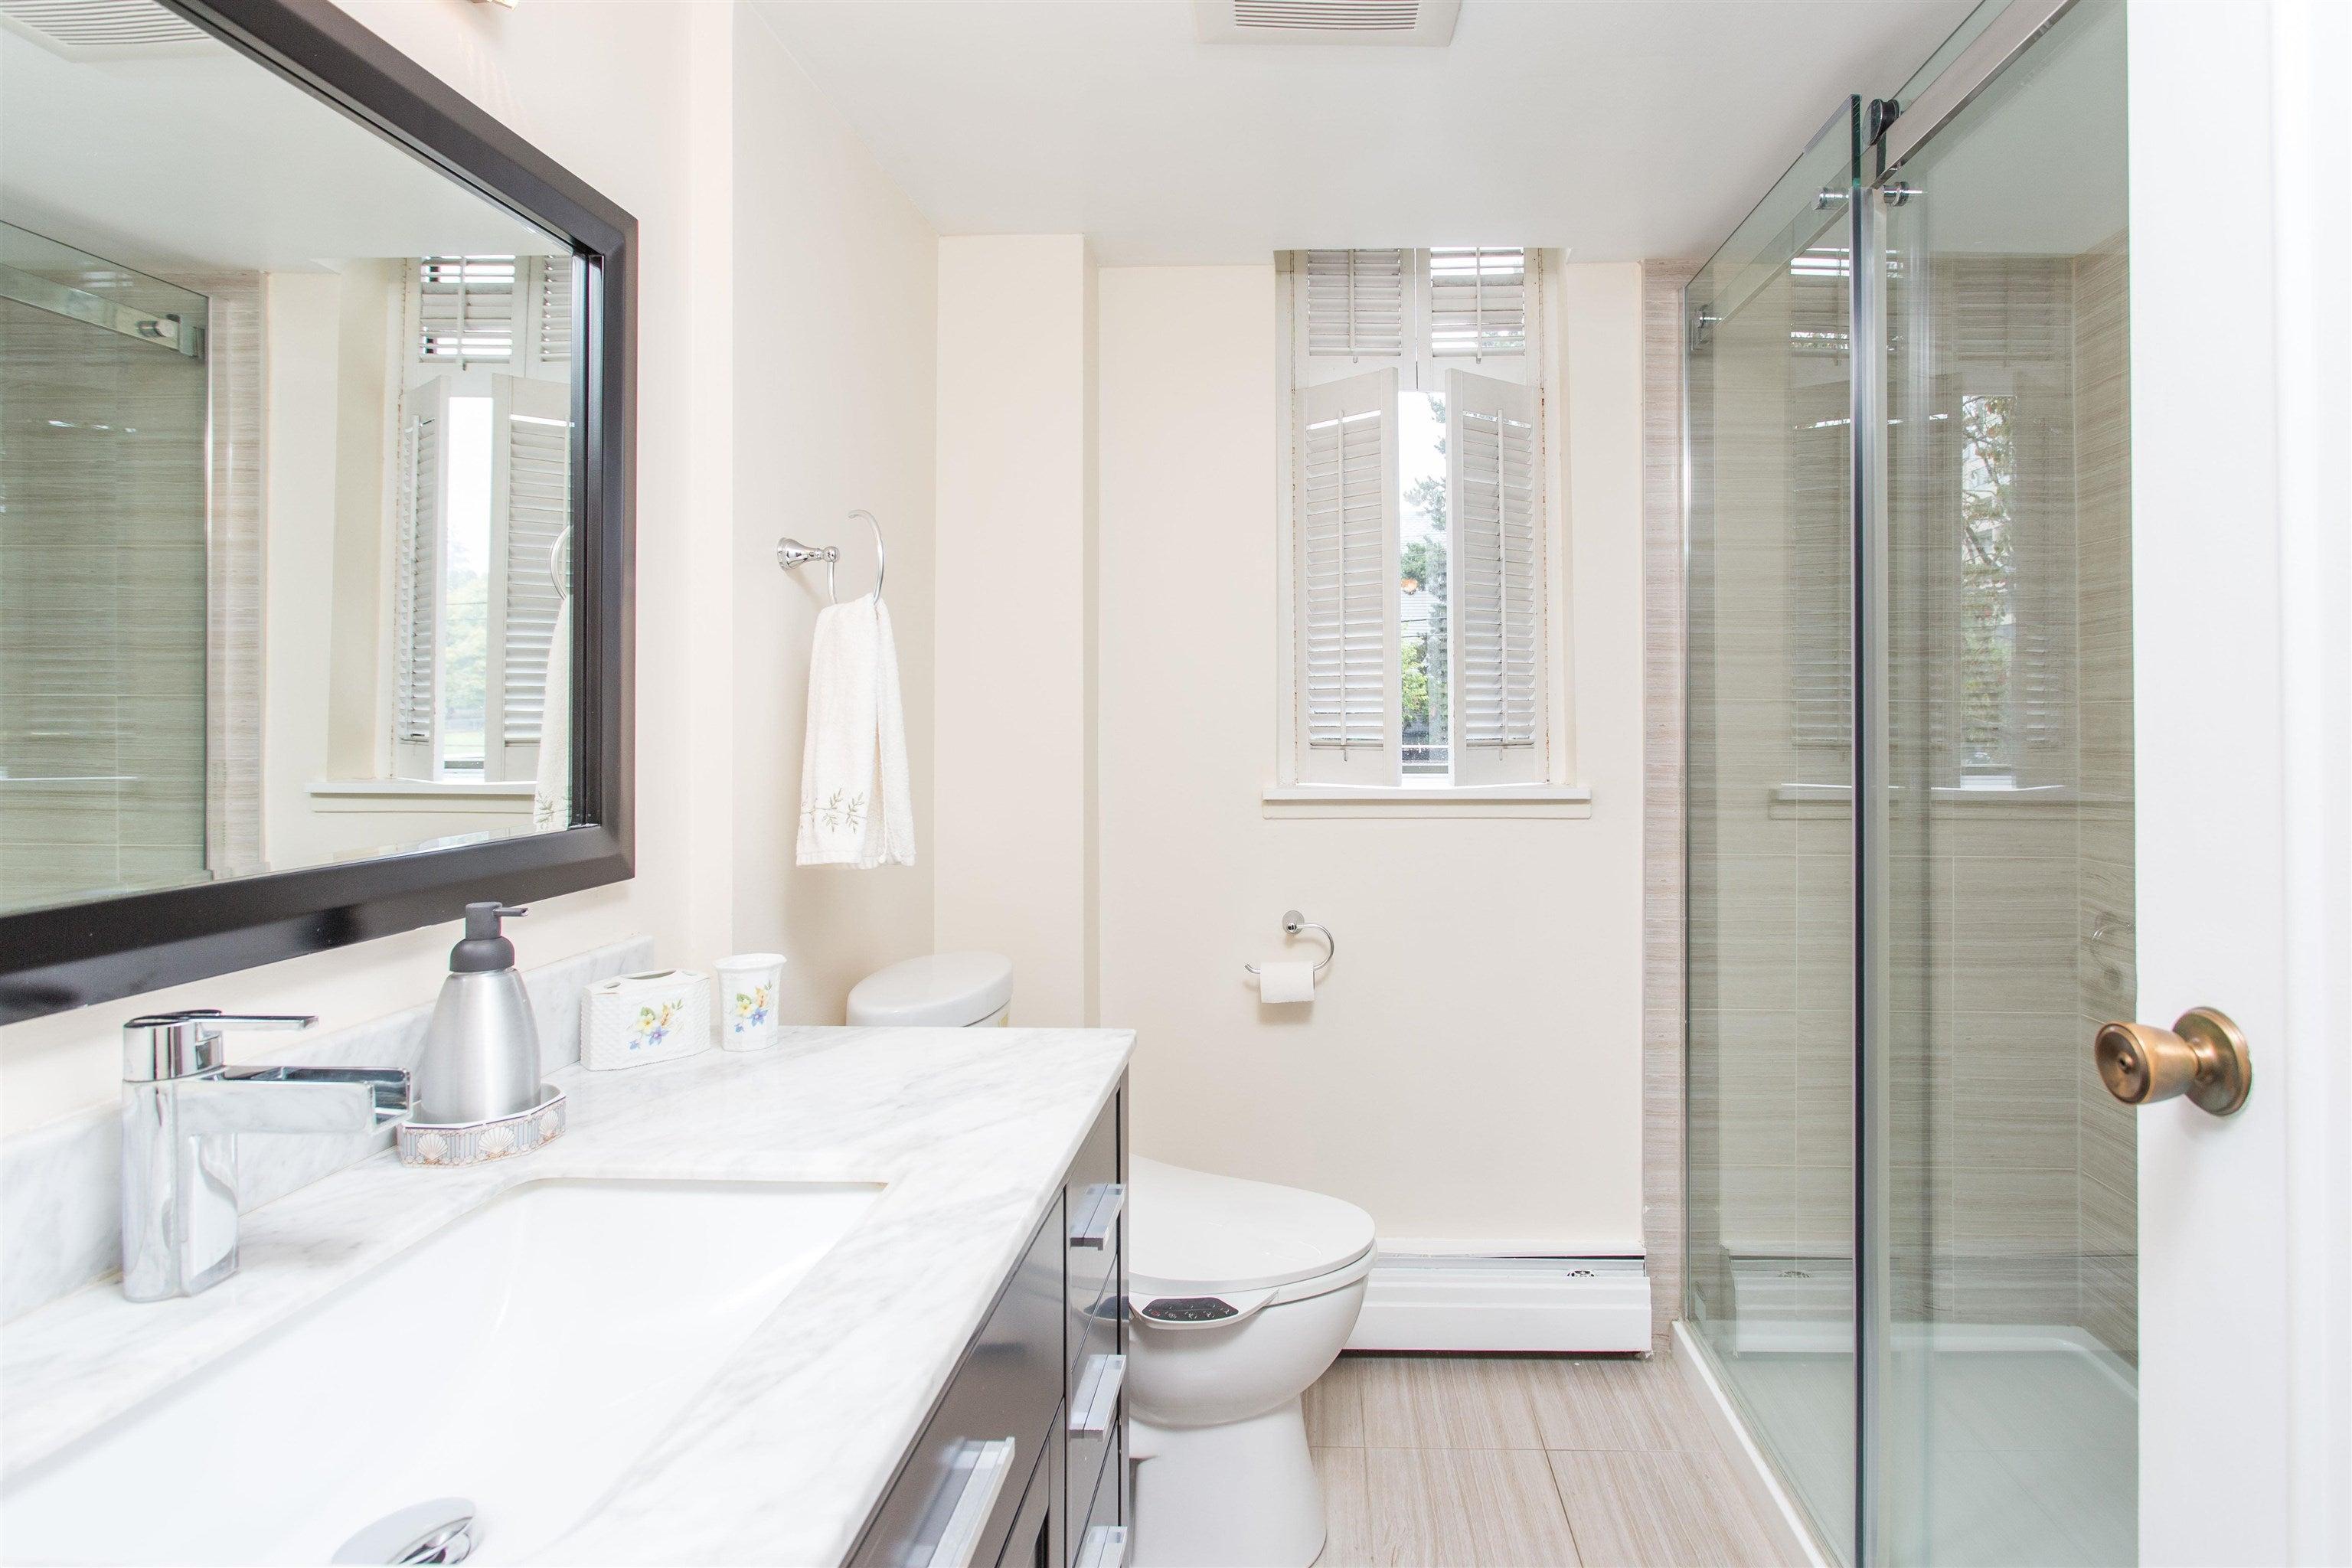 203 1390 DUCHESS AVENUE - Ambleside Apartment/Condo for sale, 1 Bedroom (R2611618) - #16